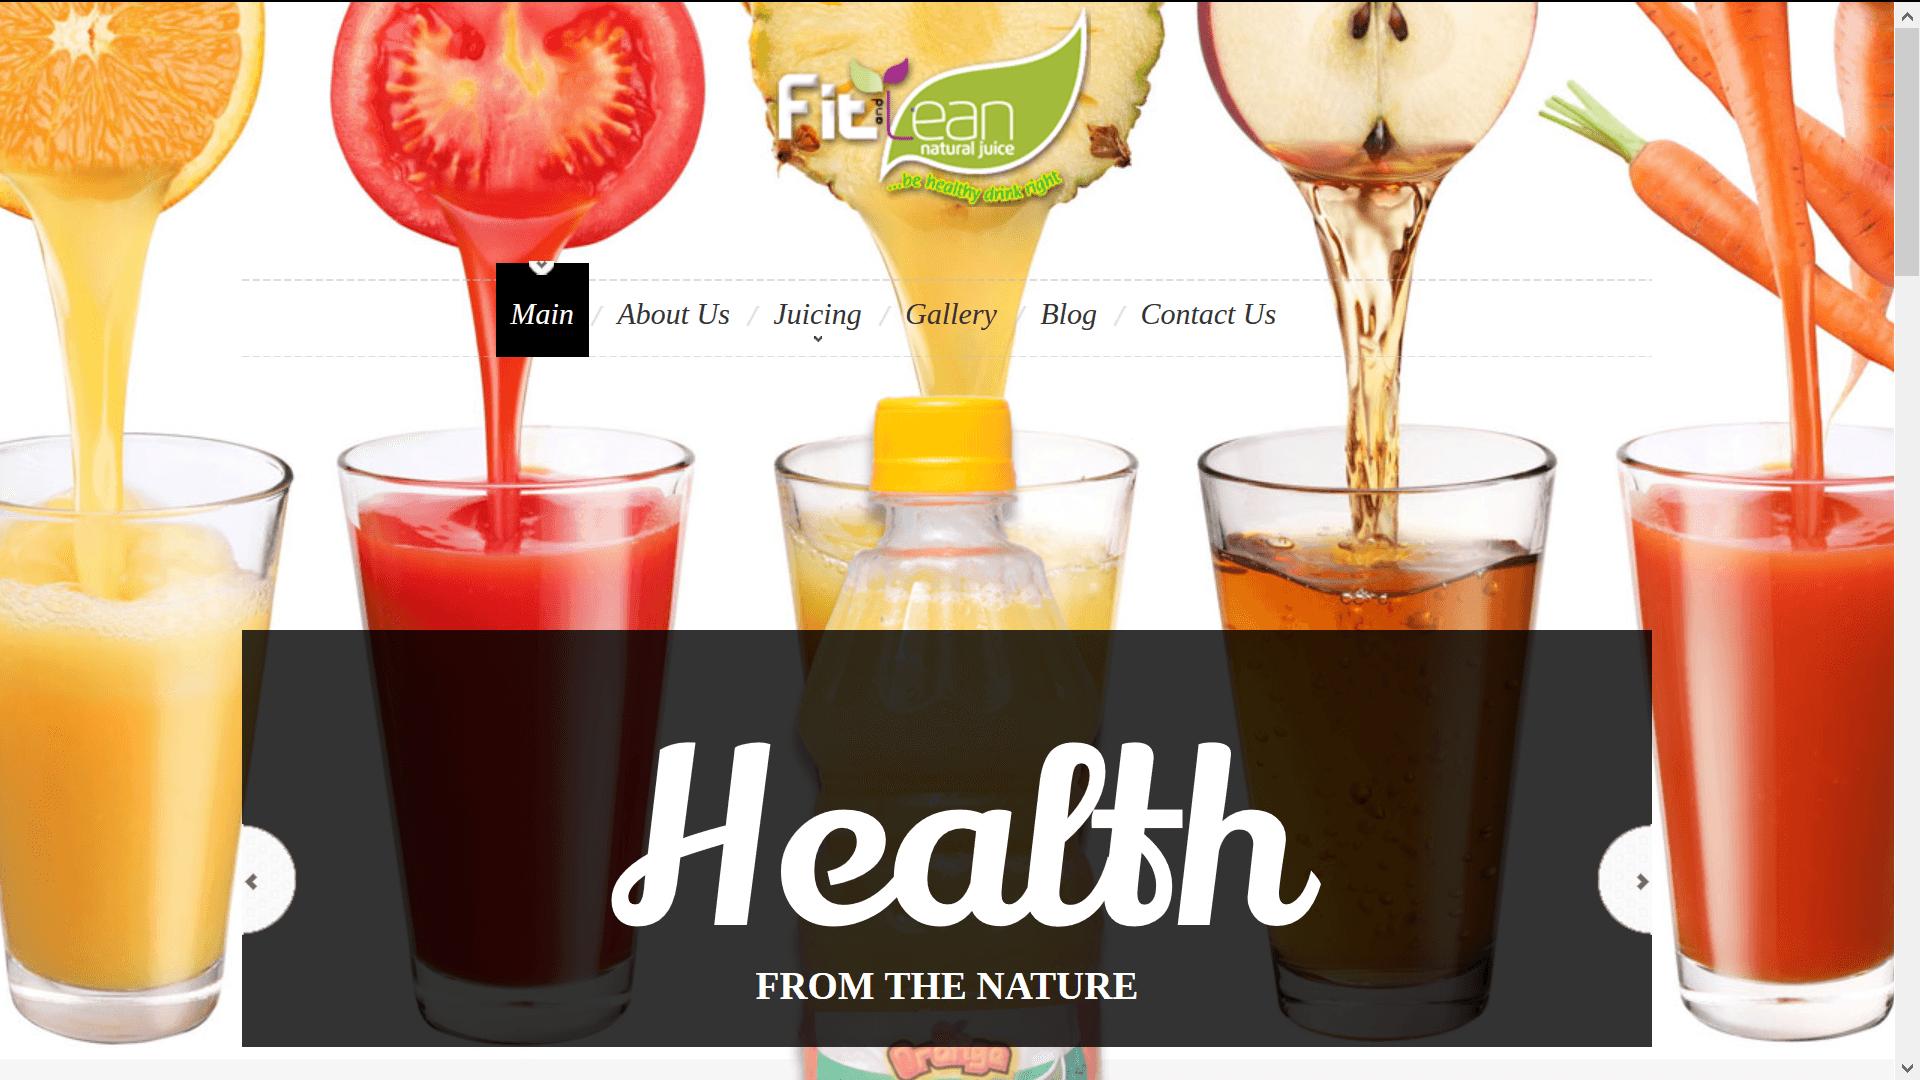 Fit & Lean Juice